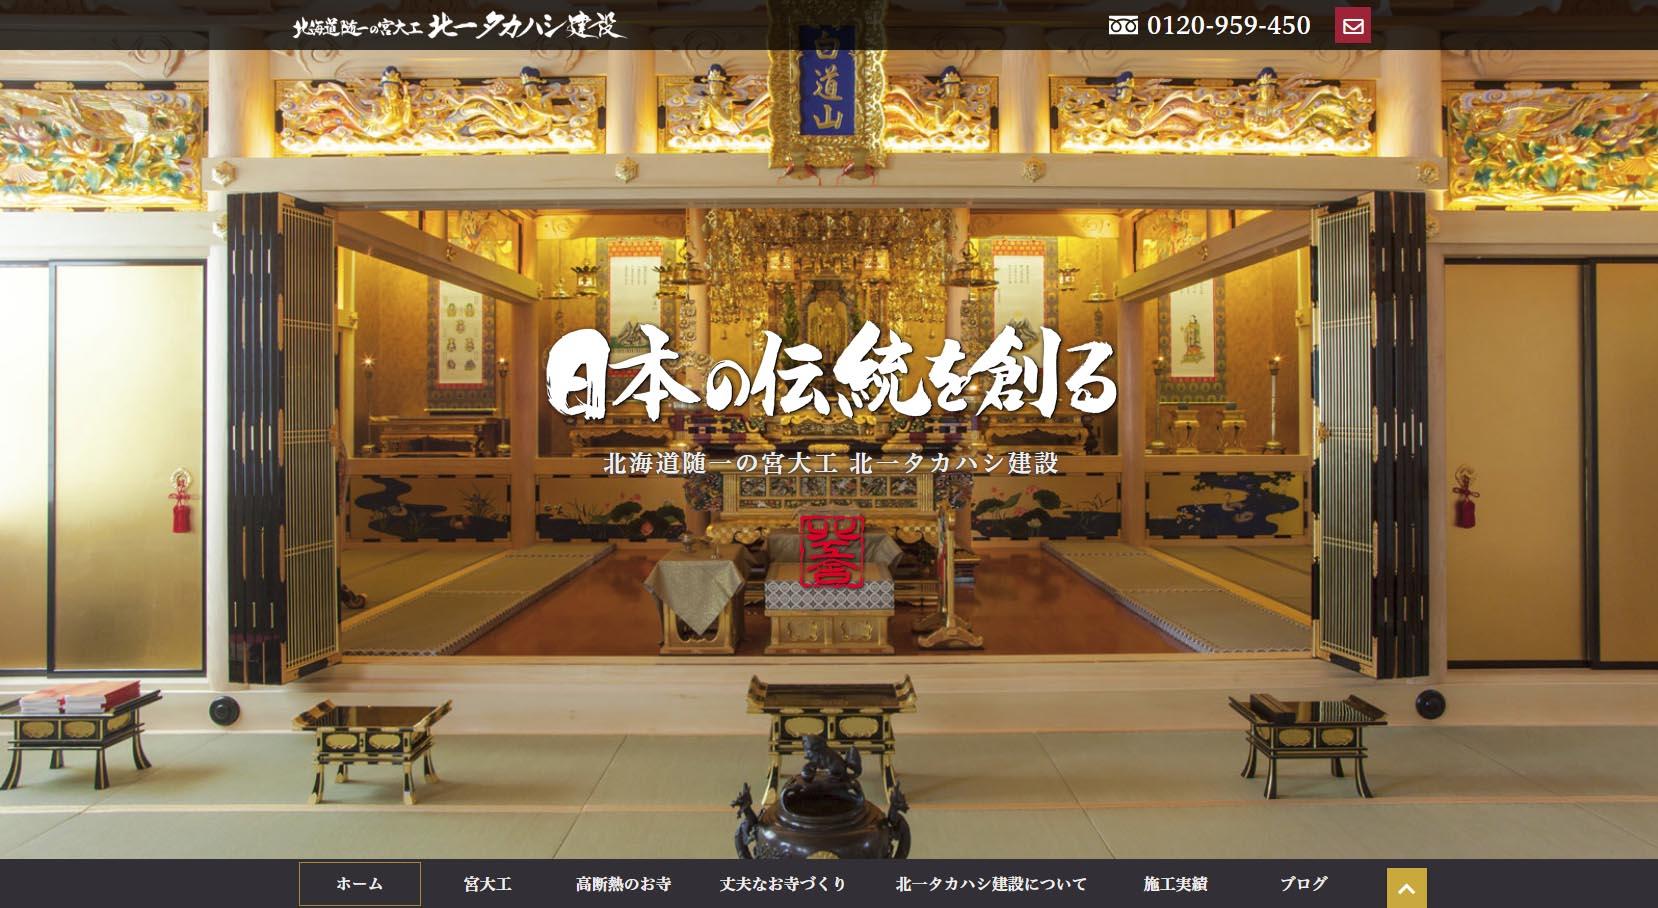 株式会社北一タカハシ建設の社寺建築サイト 札幌市